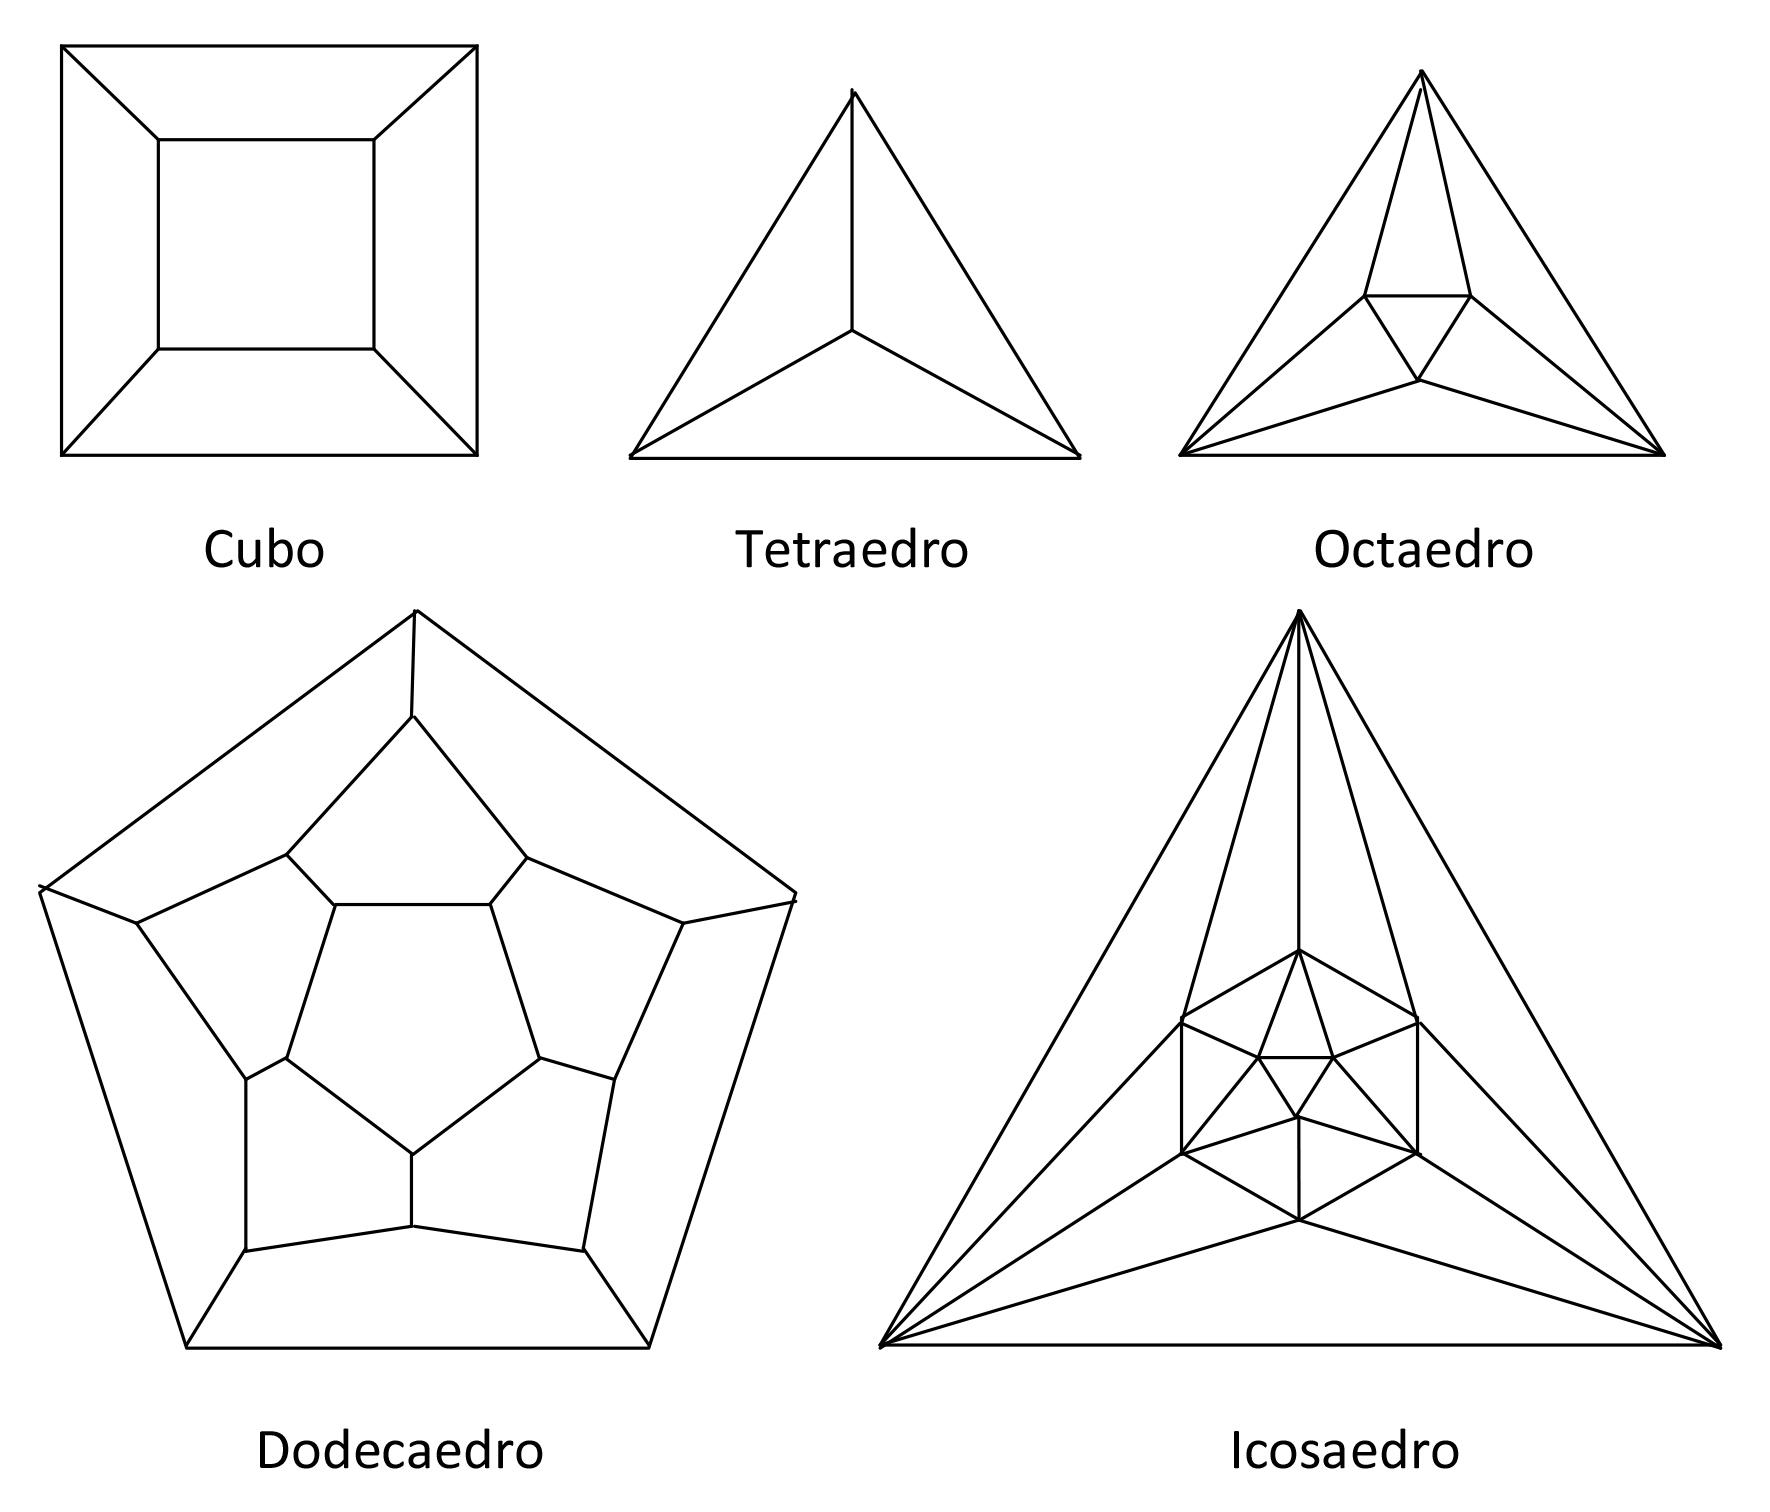 Lujoso Plantilla De Tetraedro Componente - Ejemplo De Colección De ...